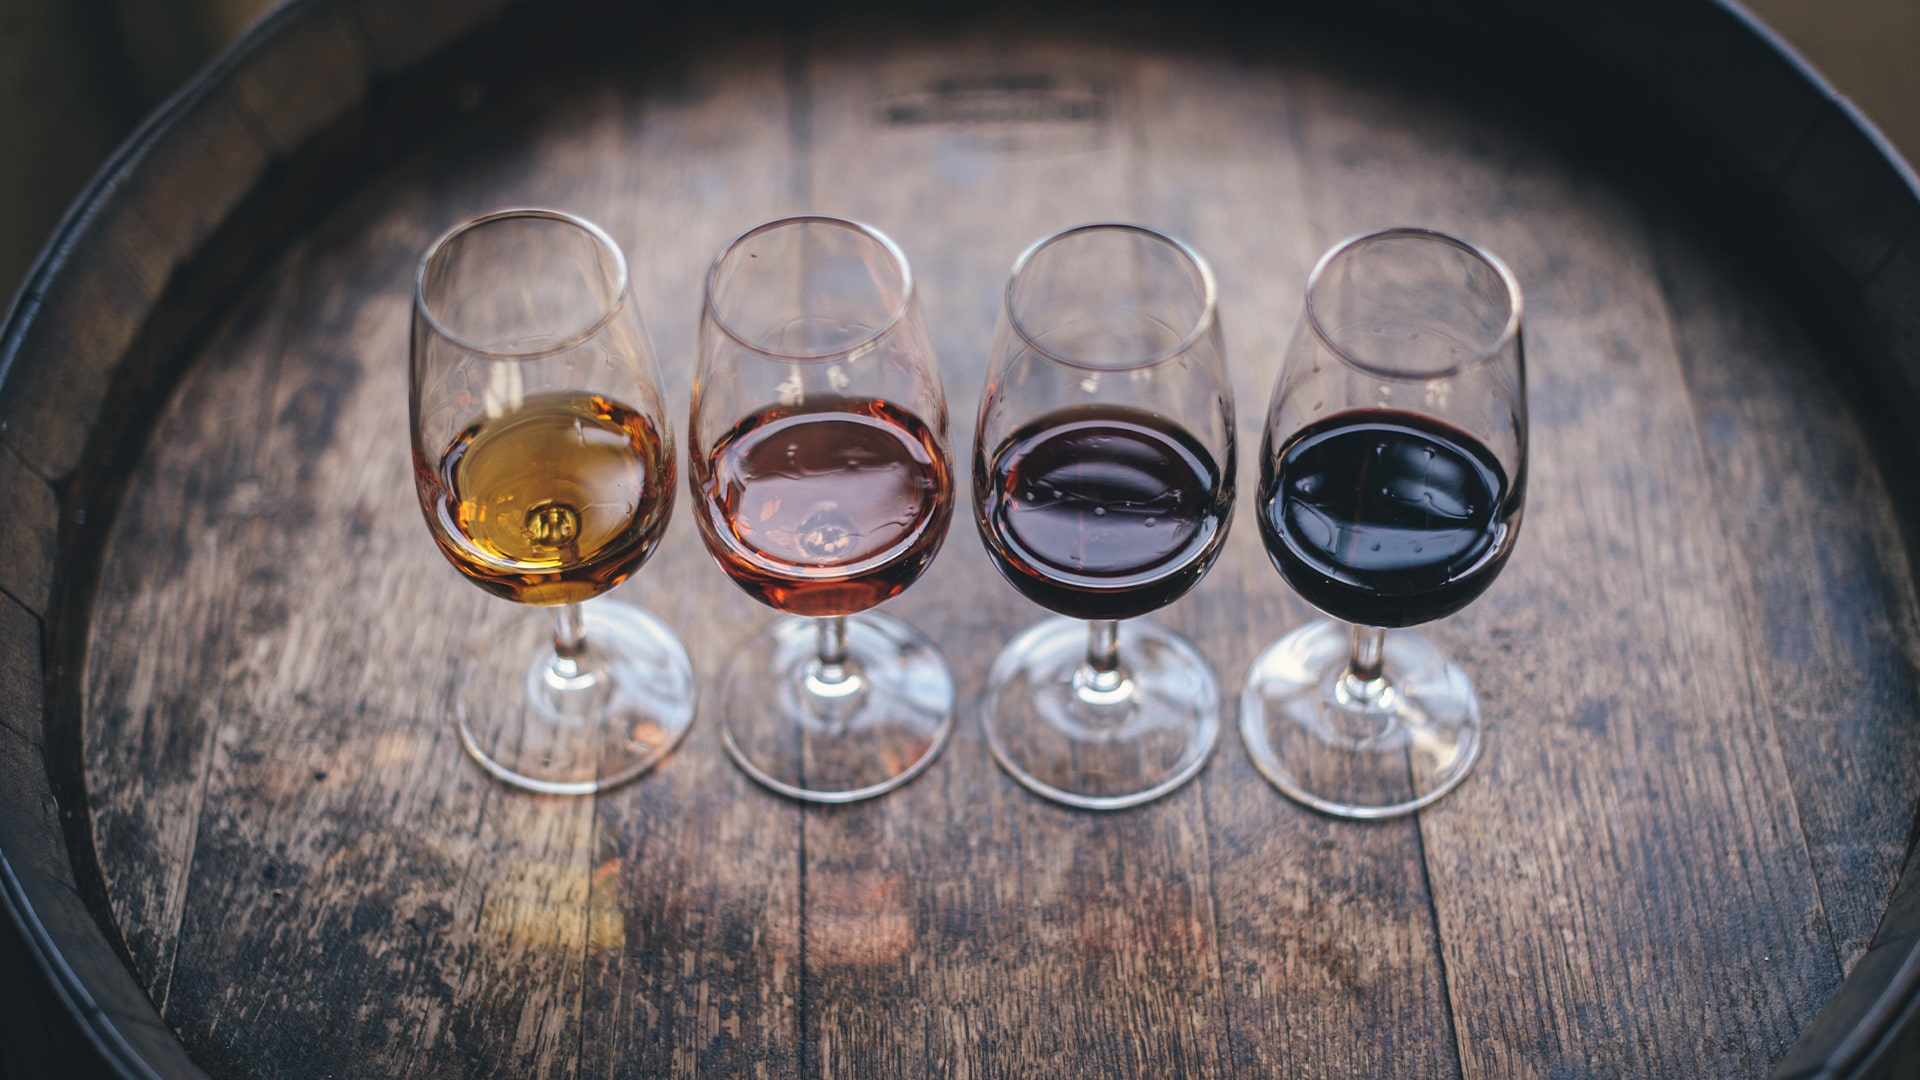 Taste this seasons best wines